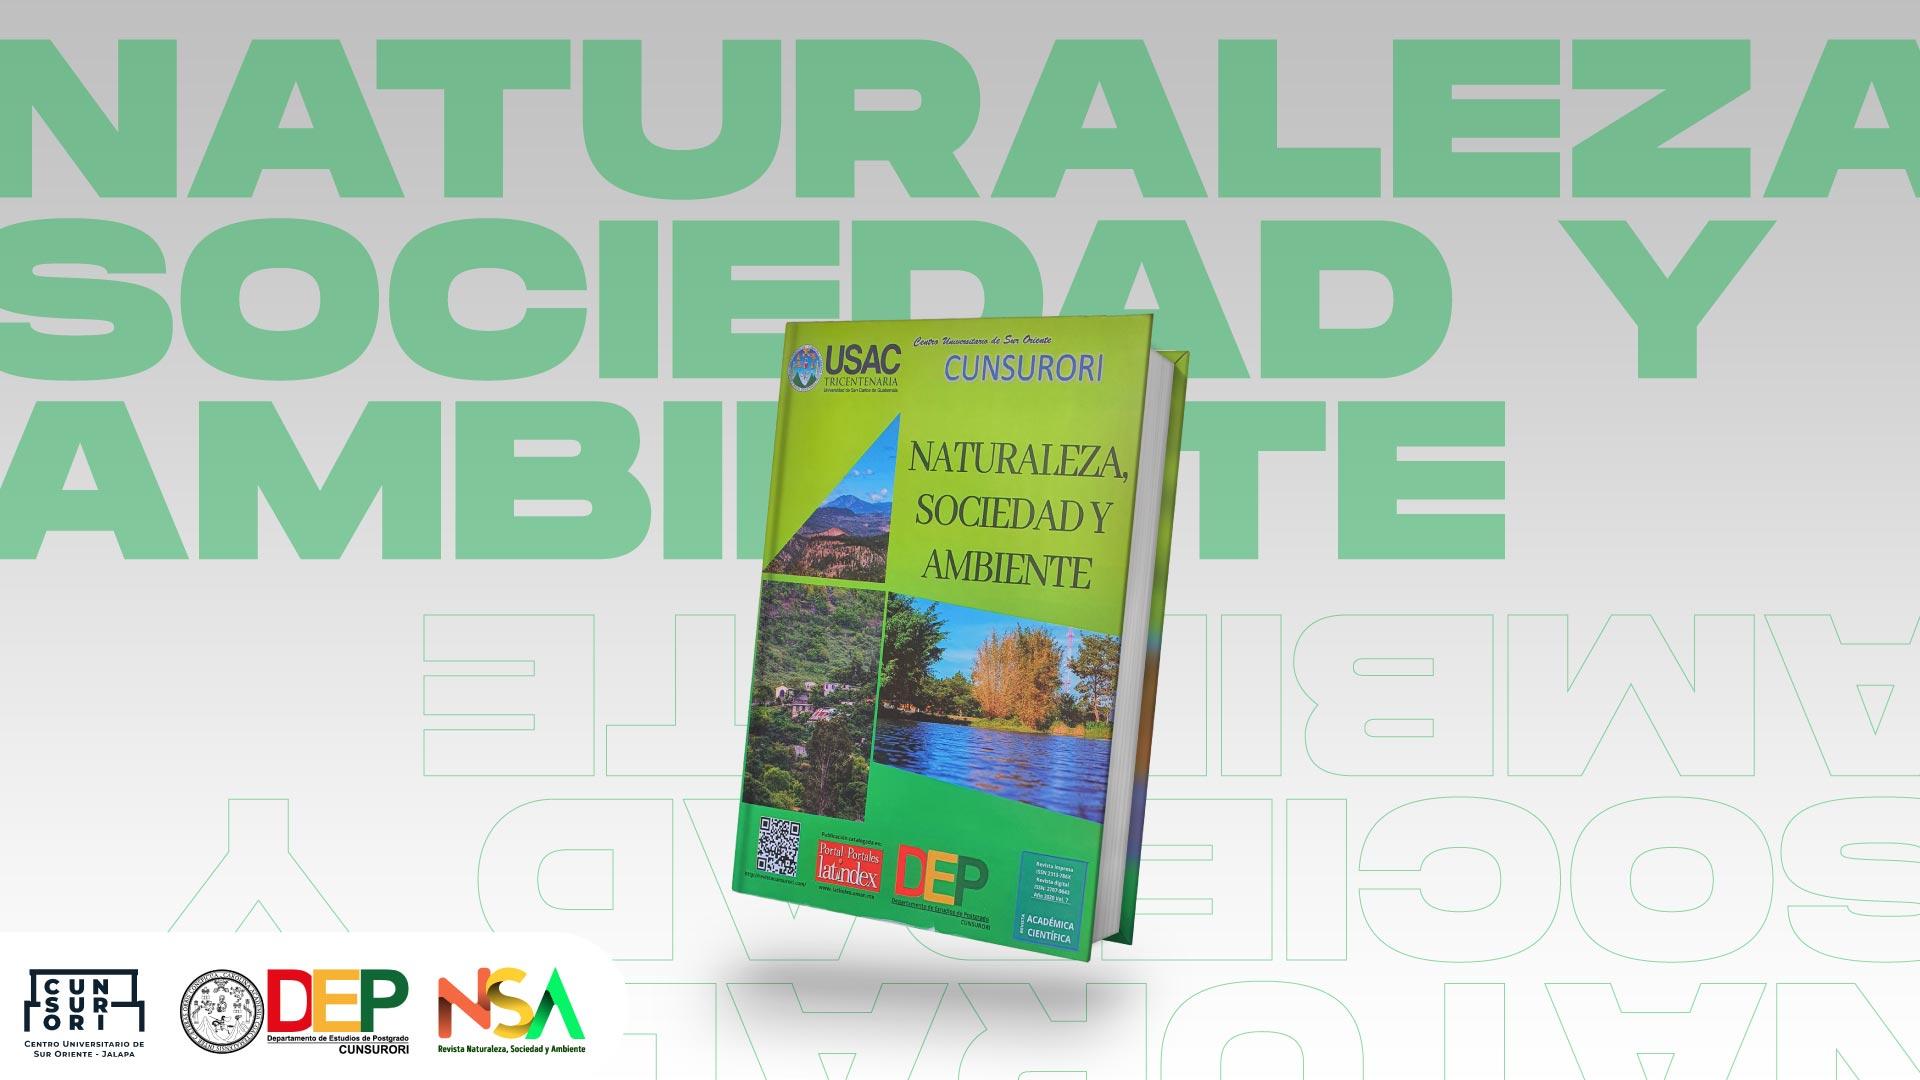 REVISTA NATURALEZA, SOCIEDAD Y AMBIENTE, CUNSURORI